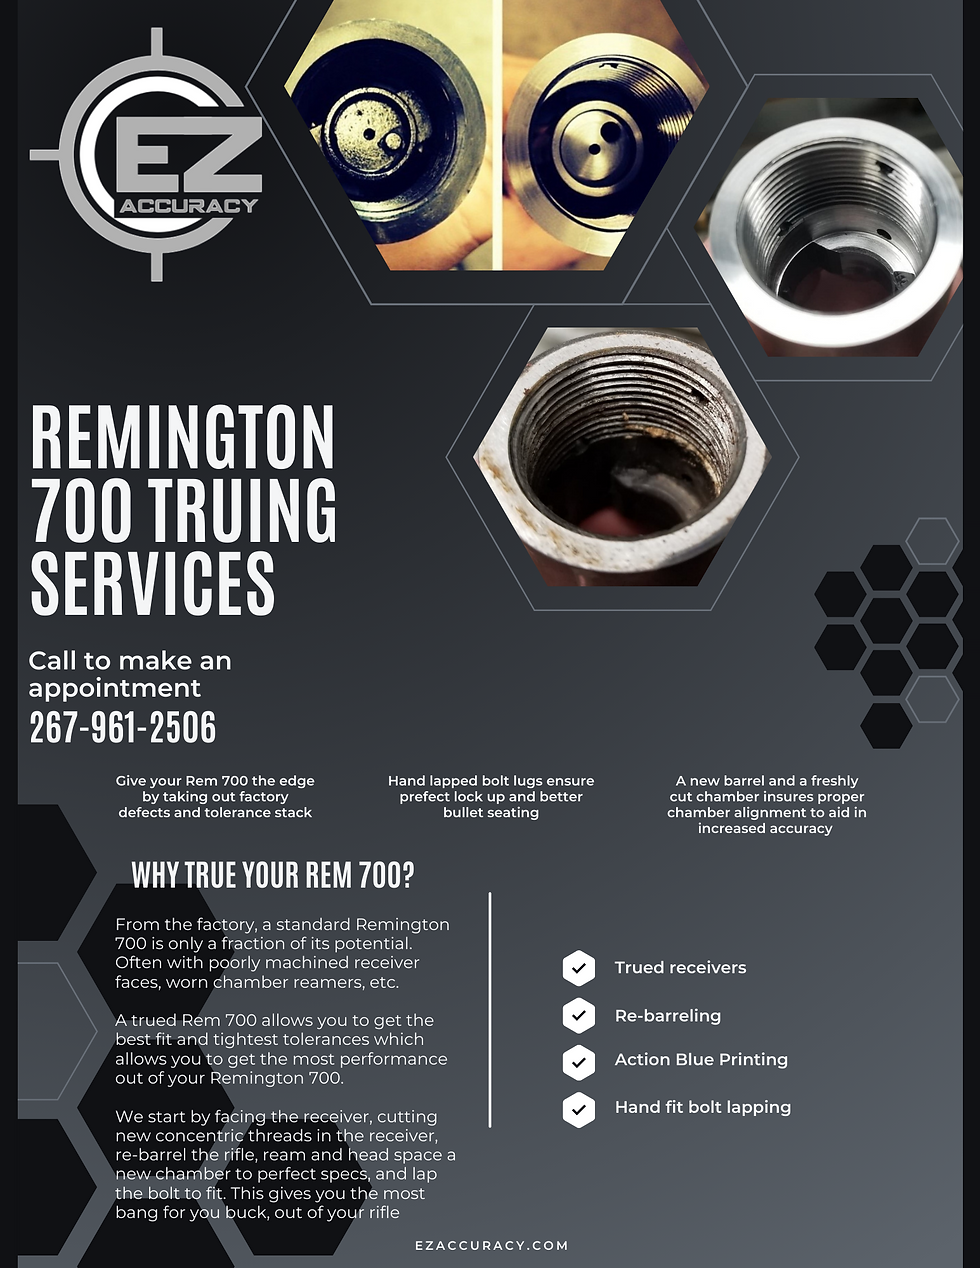 Remington 700 Services.png